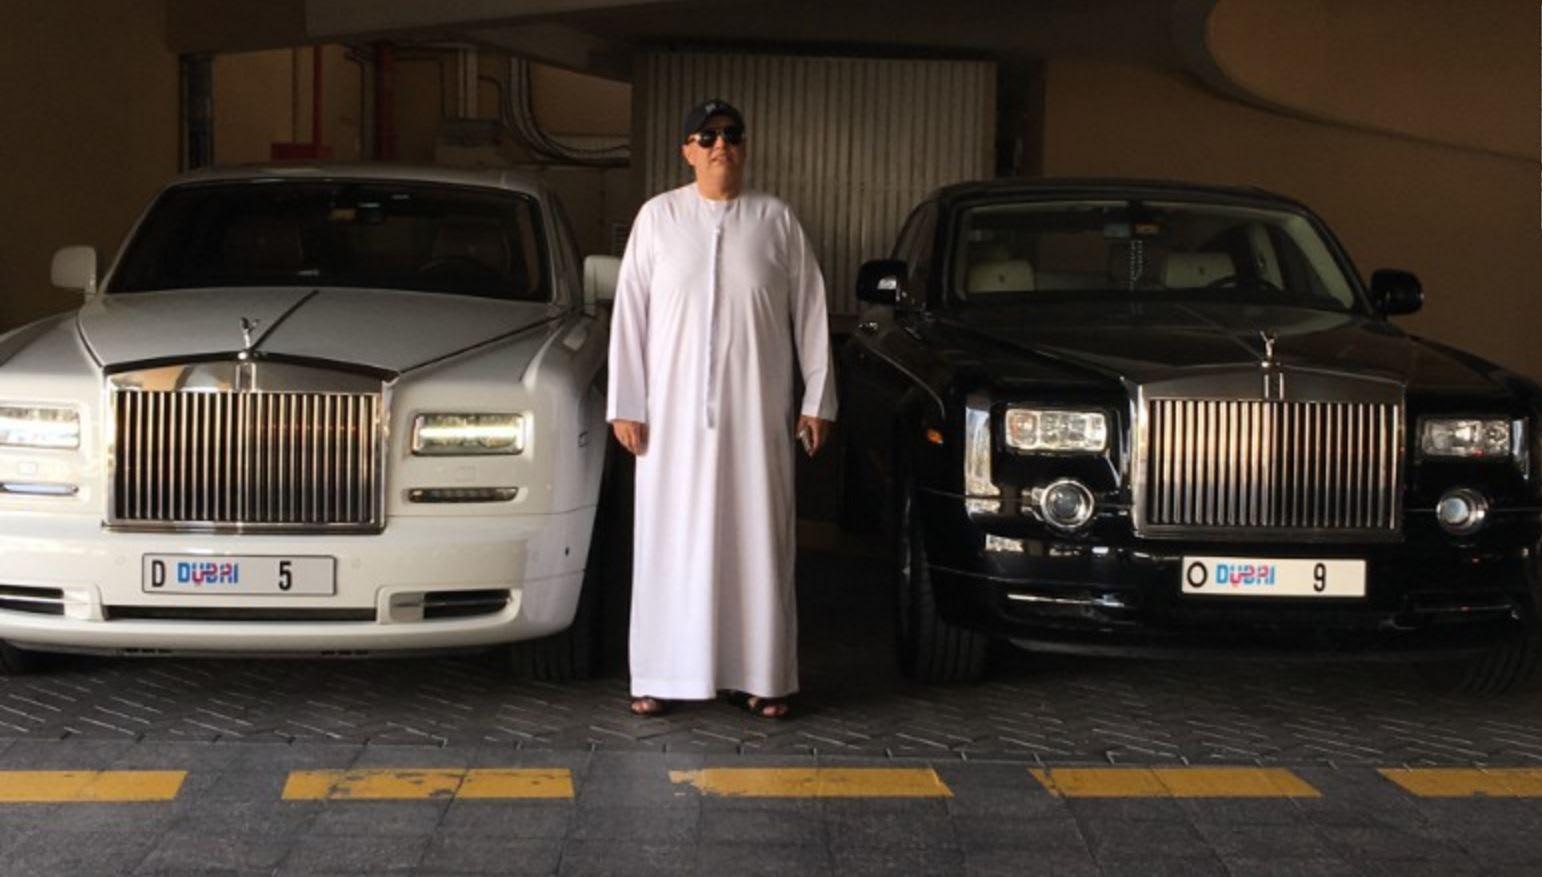 أنفق 9 ملايين دولار على لوحة سيارة في دبي.. بالويندر ساحني لـCNN: أرد الجميل لدولة قدمت لي الكثير